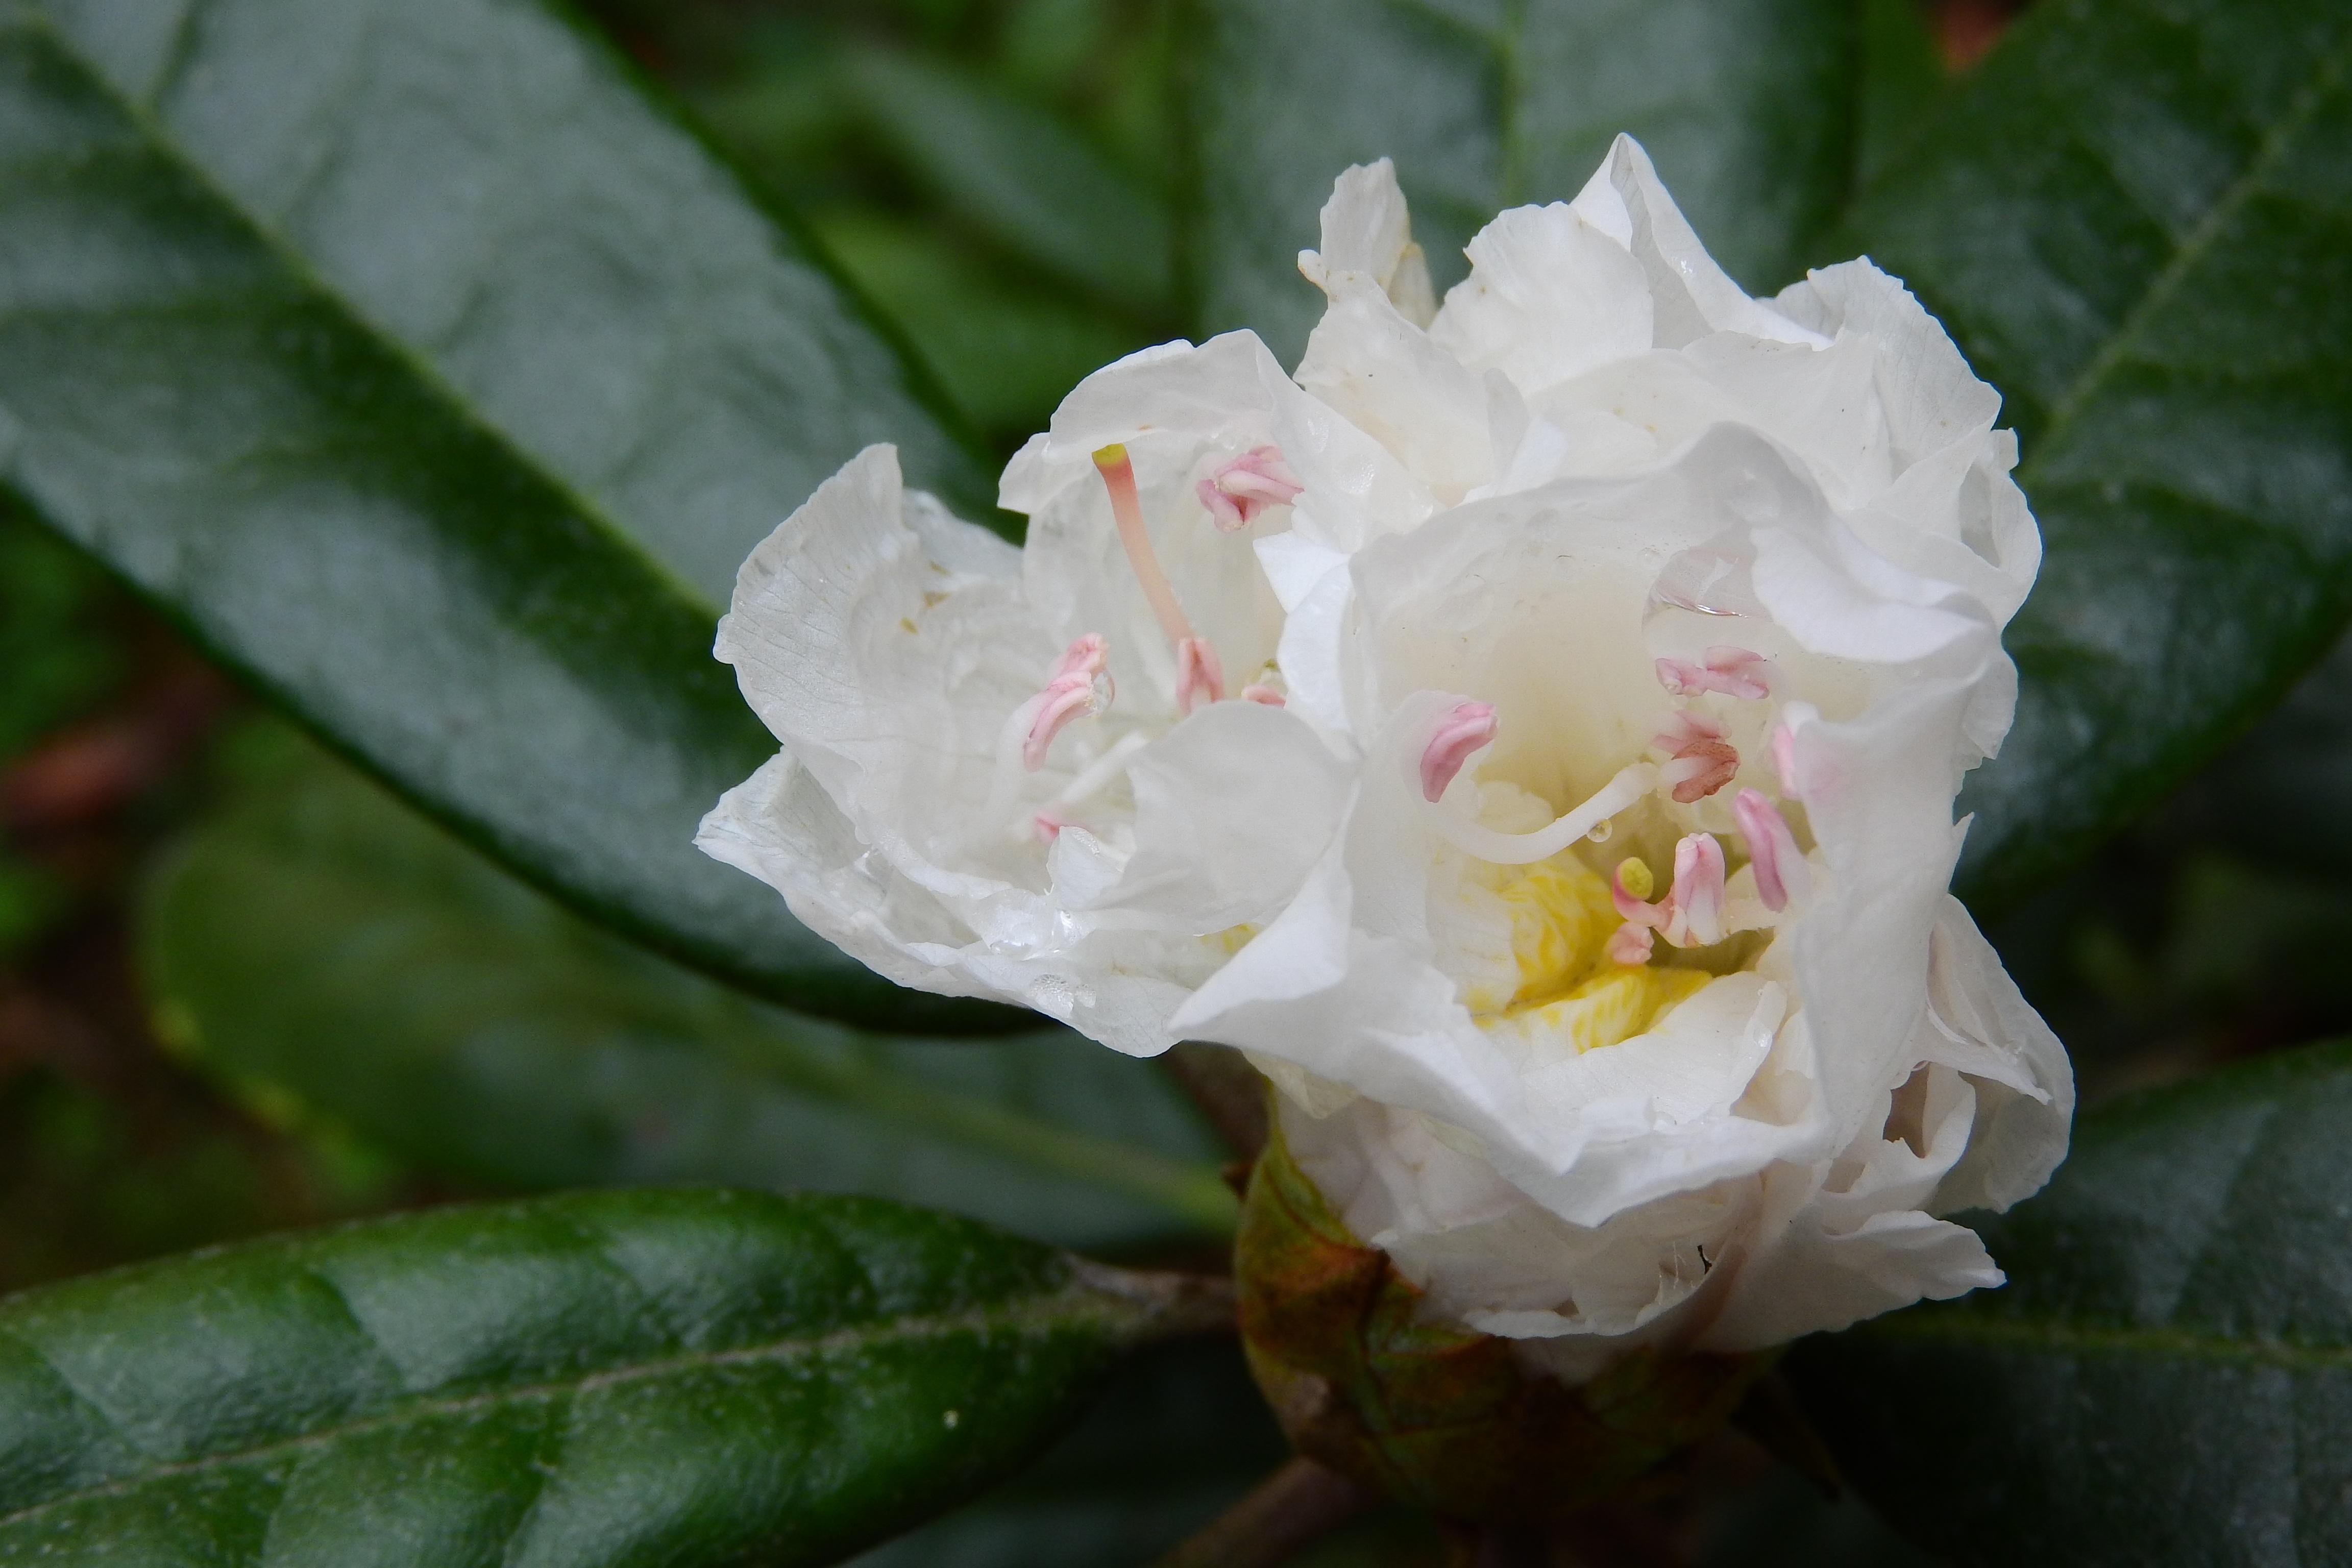 Free Images Blossom Botany Flora White Flower Shrub